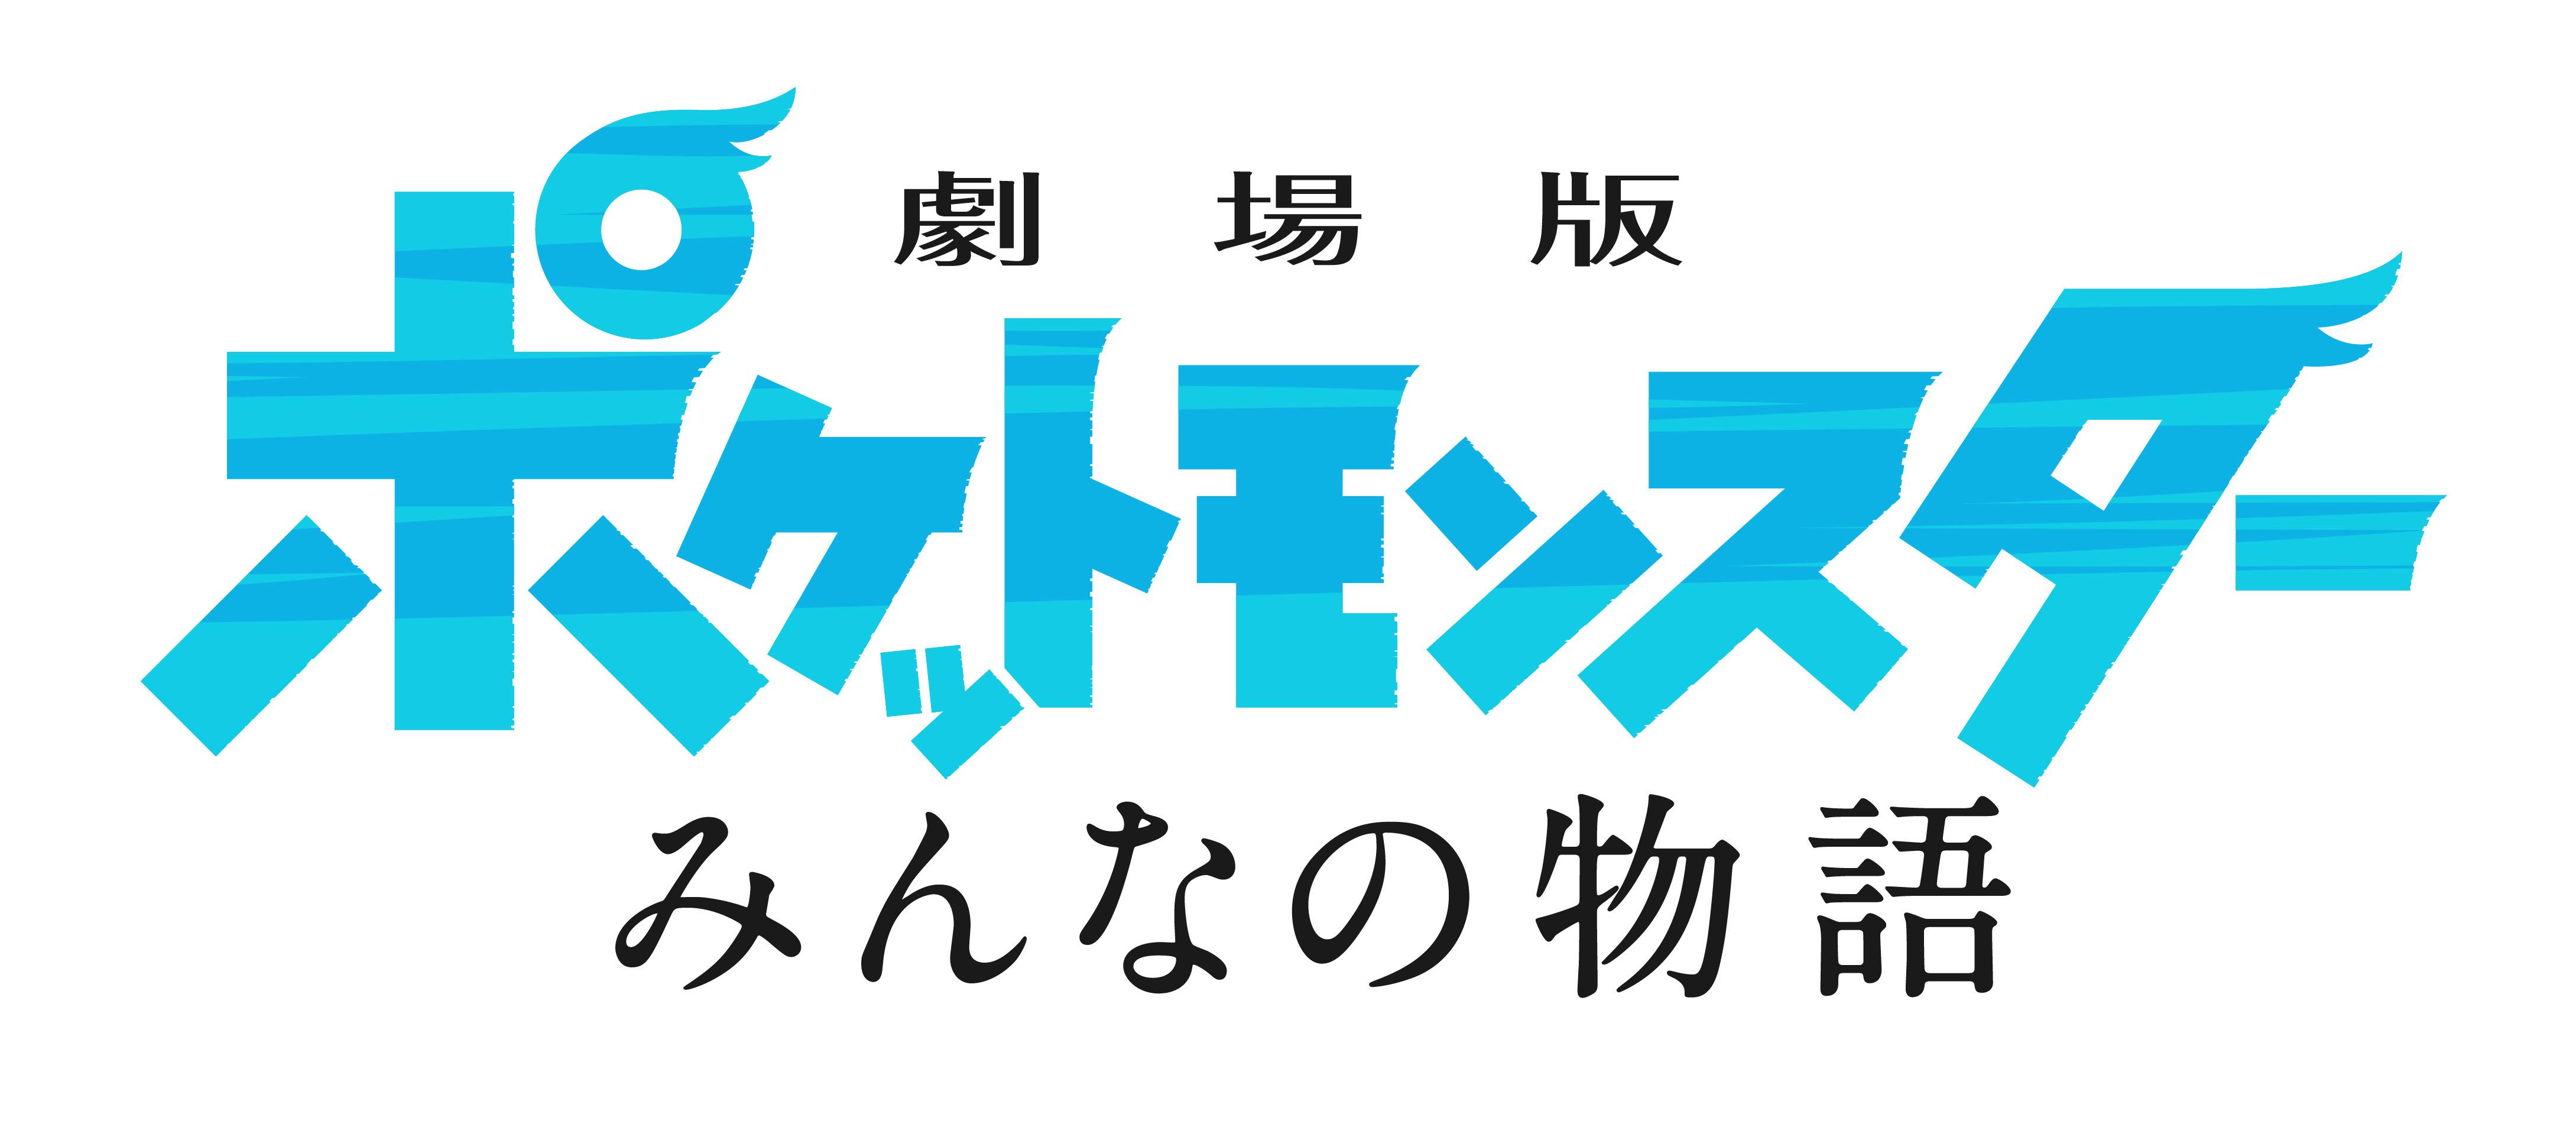 劇場版ポケットモンスター みんなの物語 | udcast